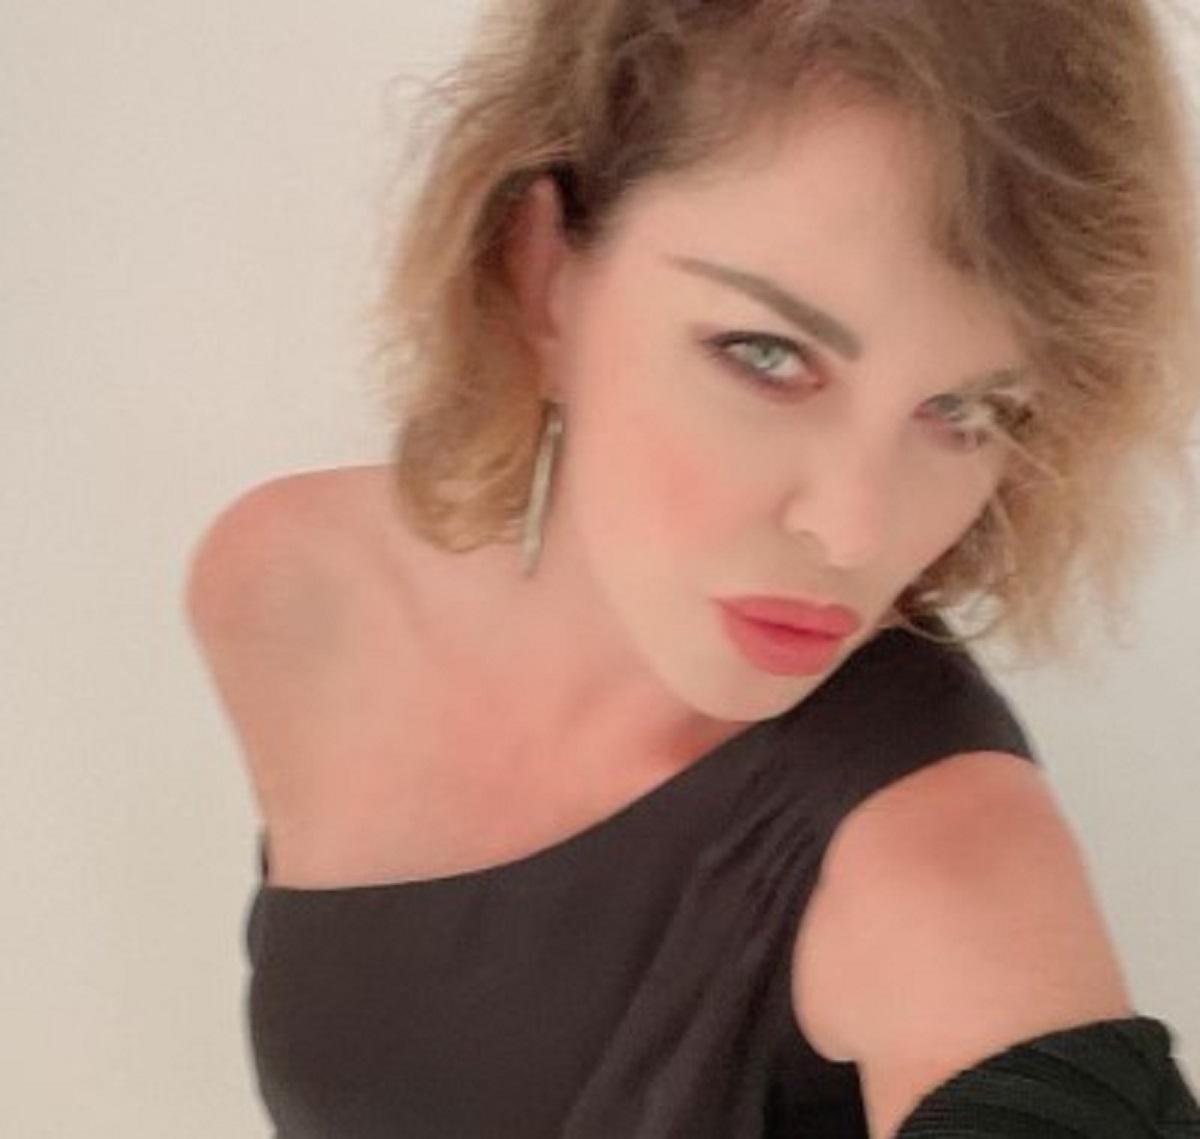 Alba Parietti Paola Barale vacanza Ibiza selfie naturale